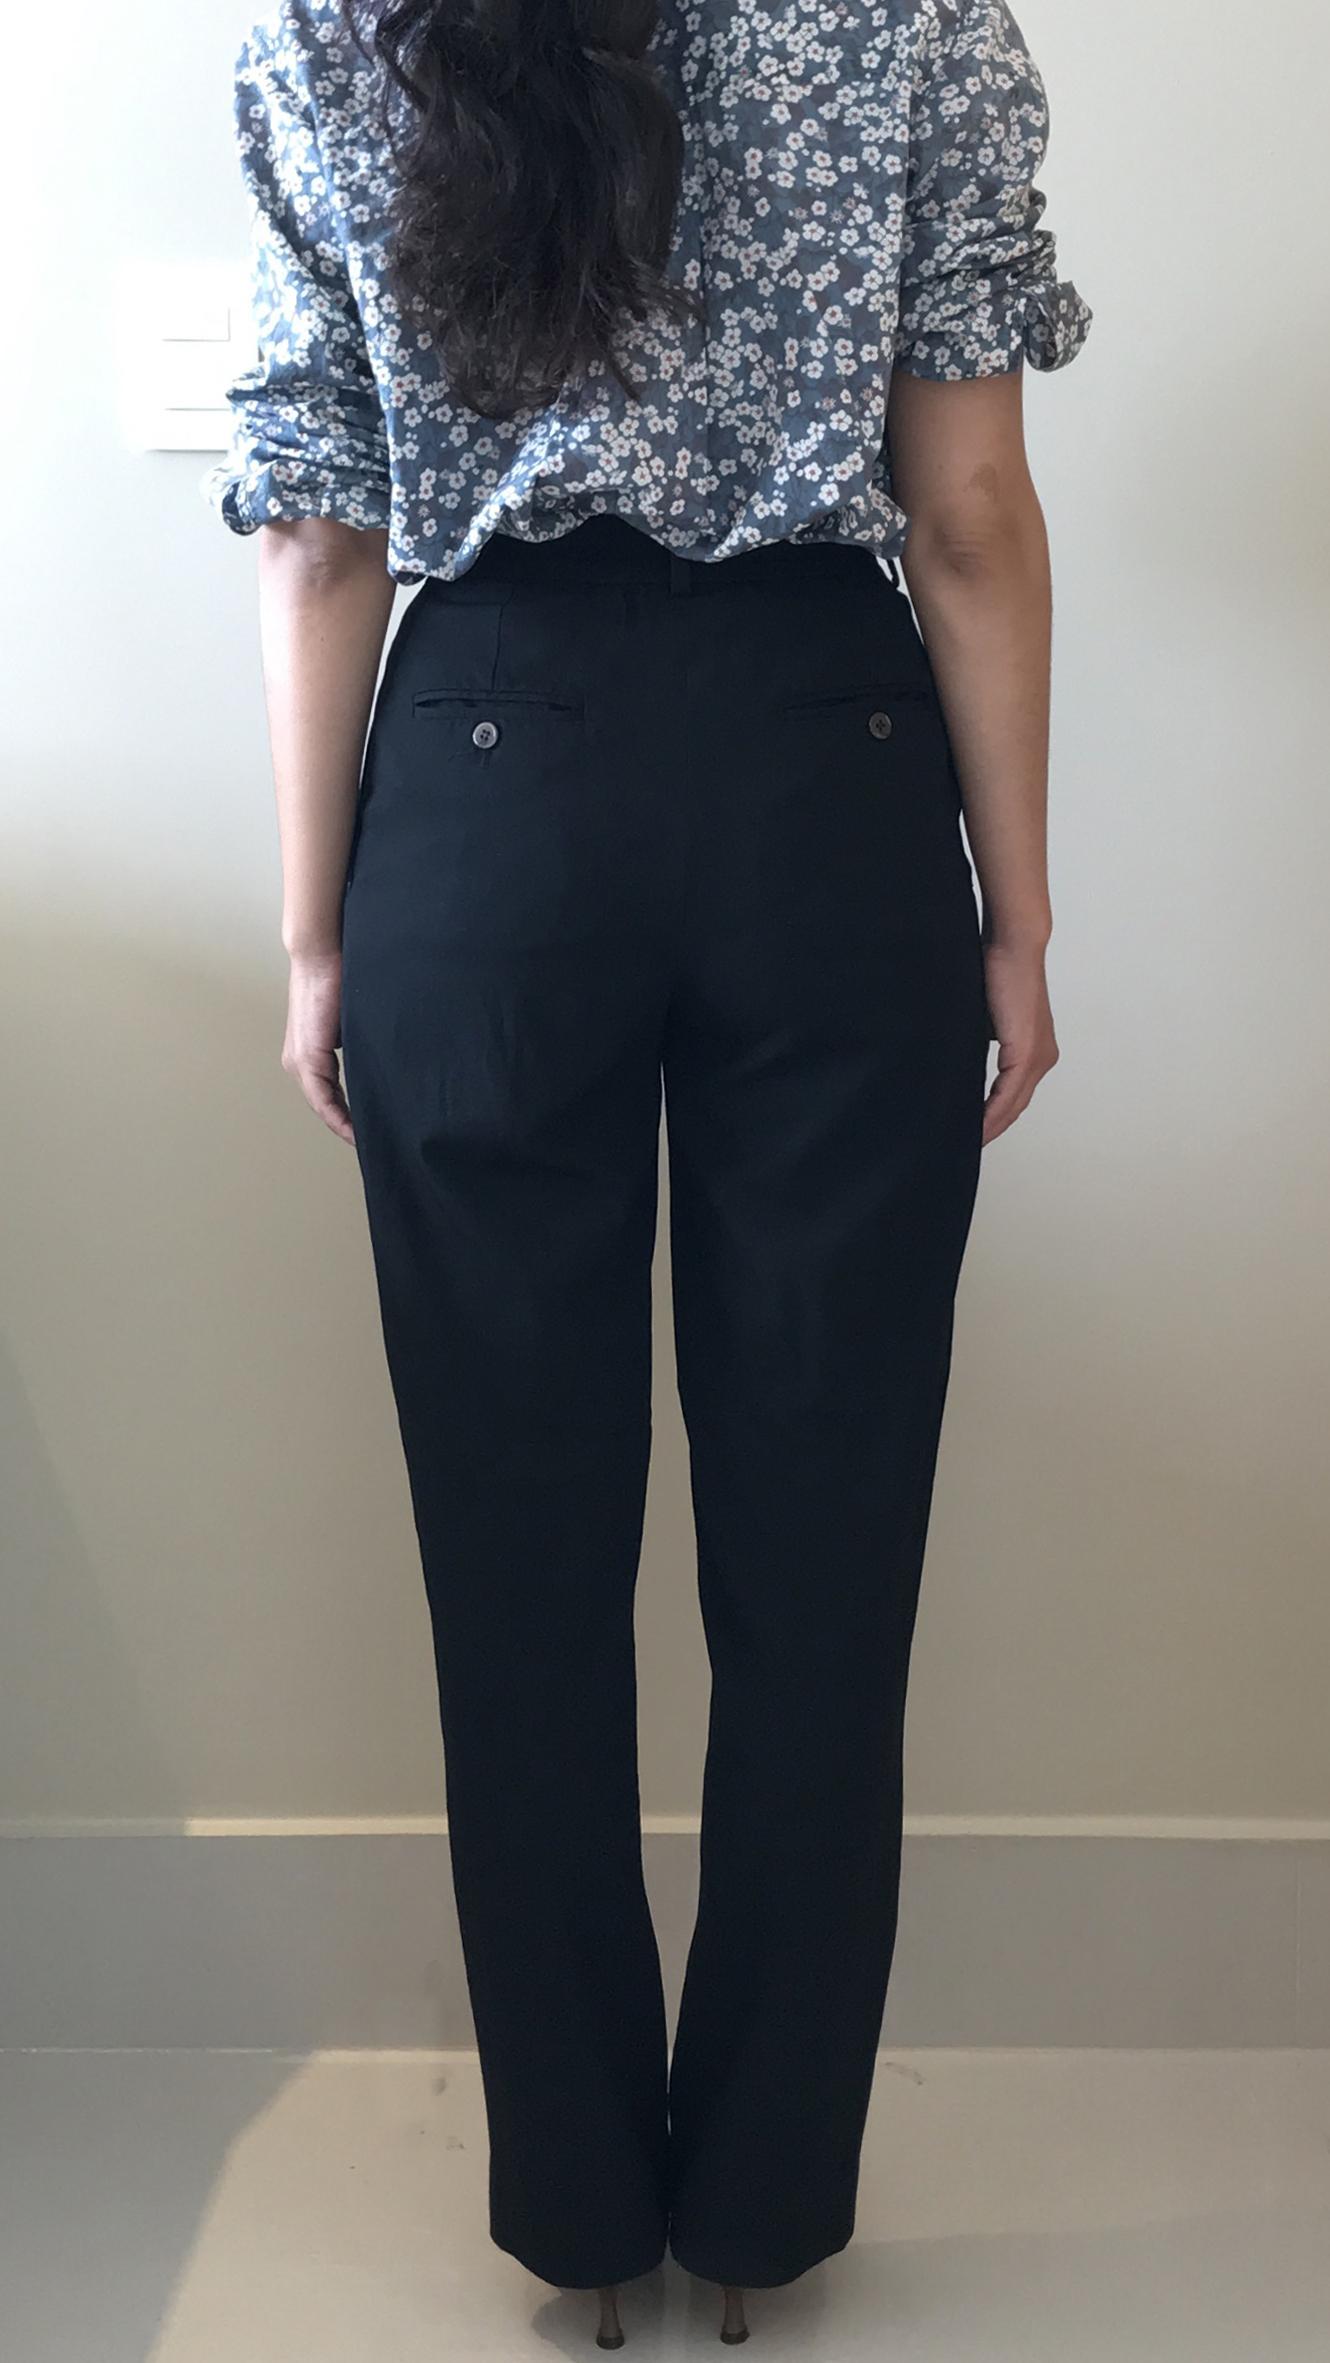 YSL-trousers-back.jpg